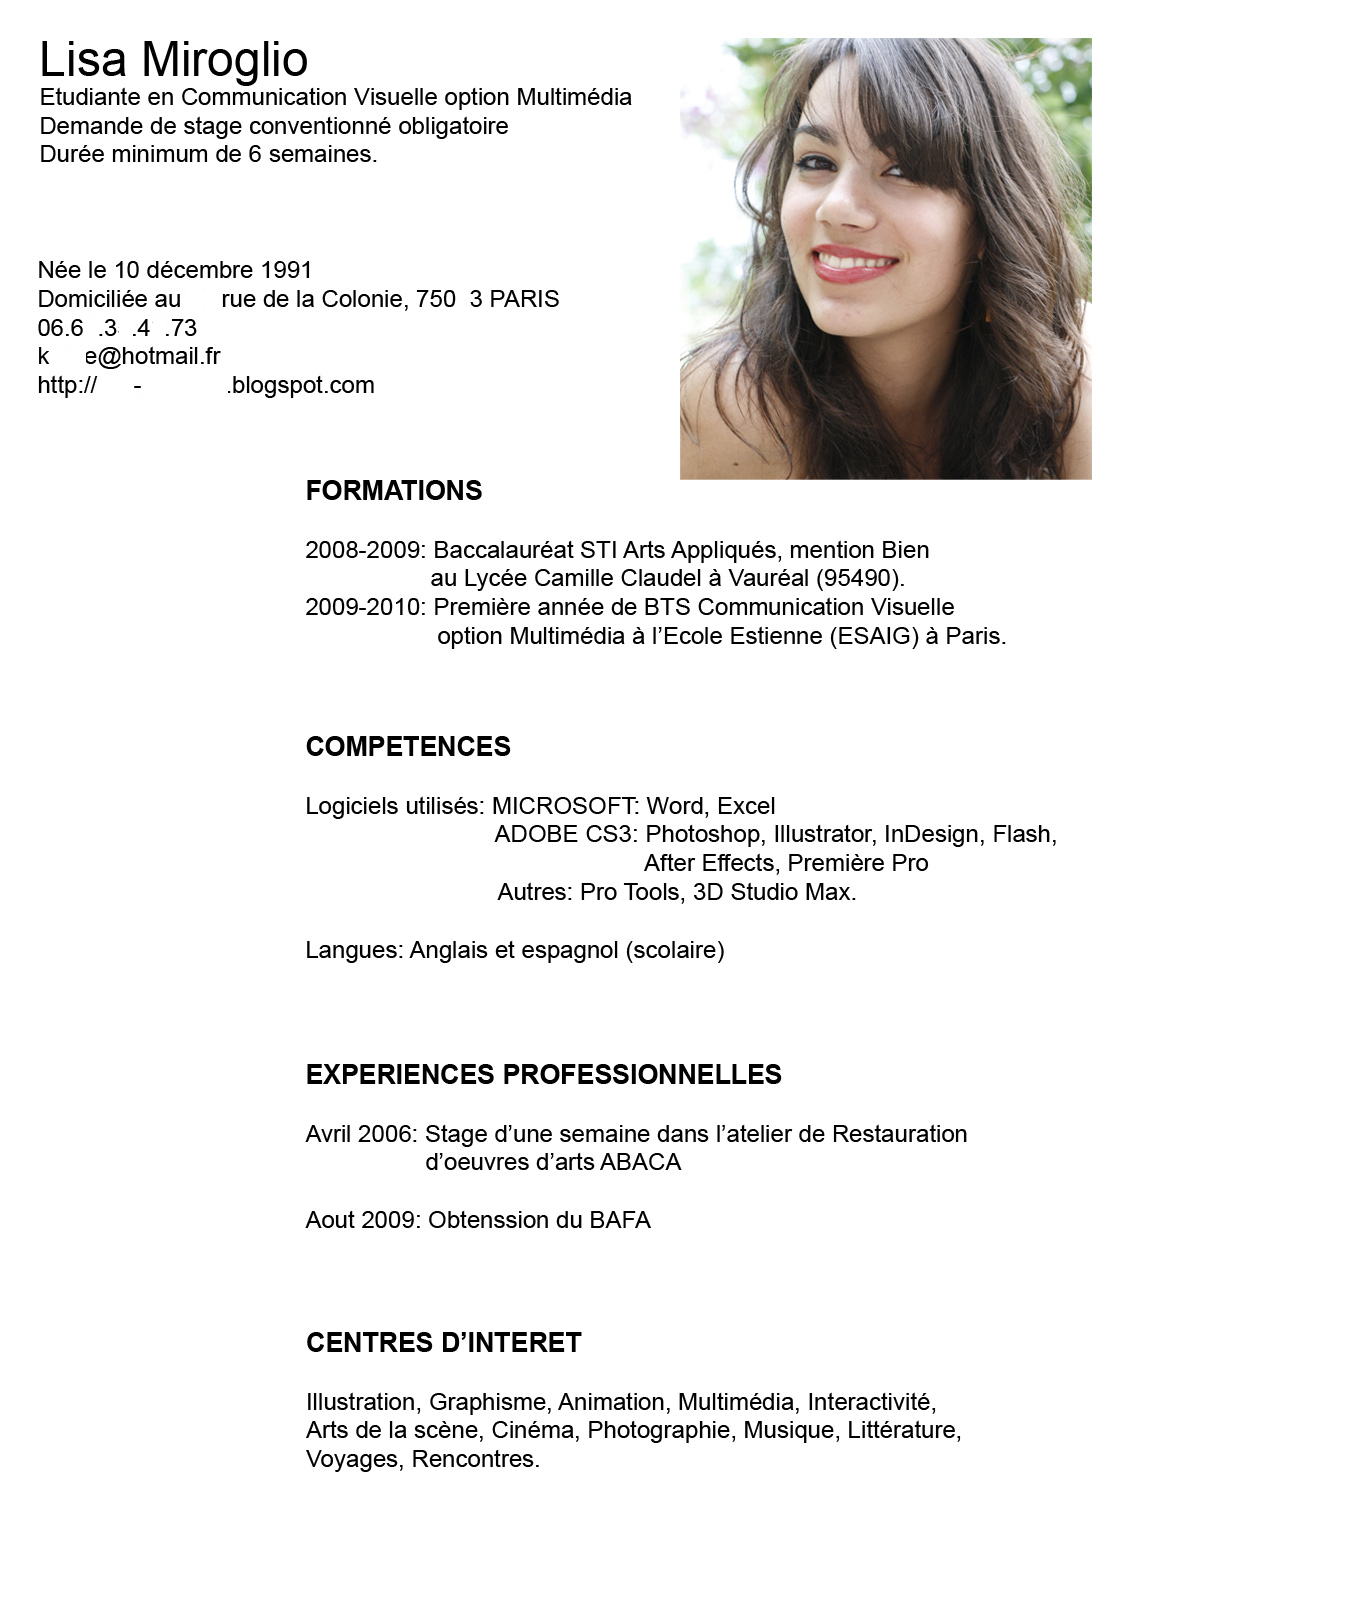 Tu Blog De Formacion Y Orientacion Laboral Cv Modelos De Curriculum Vitae Curriculum Vitae Curriculum Vitae Moderno